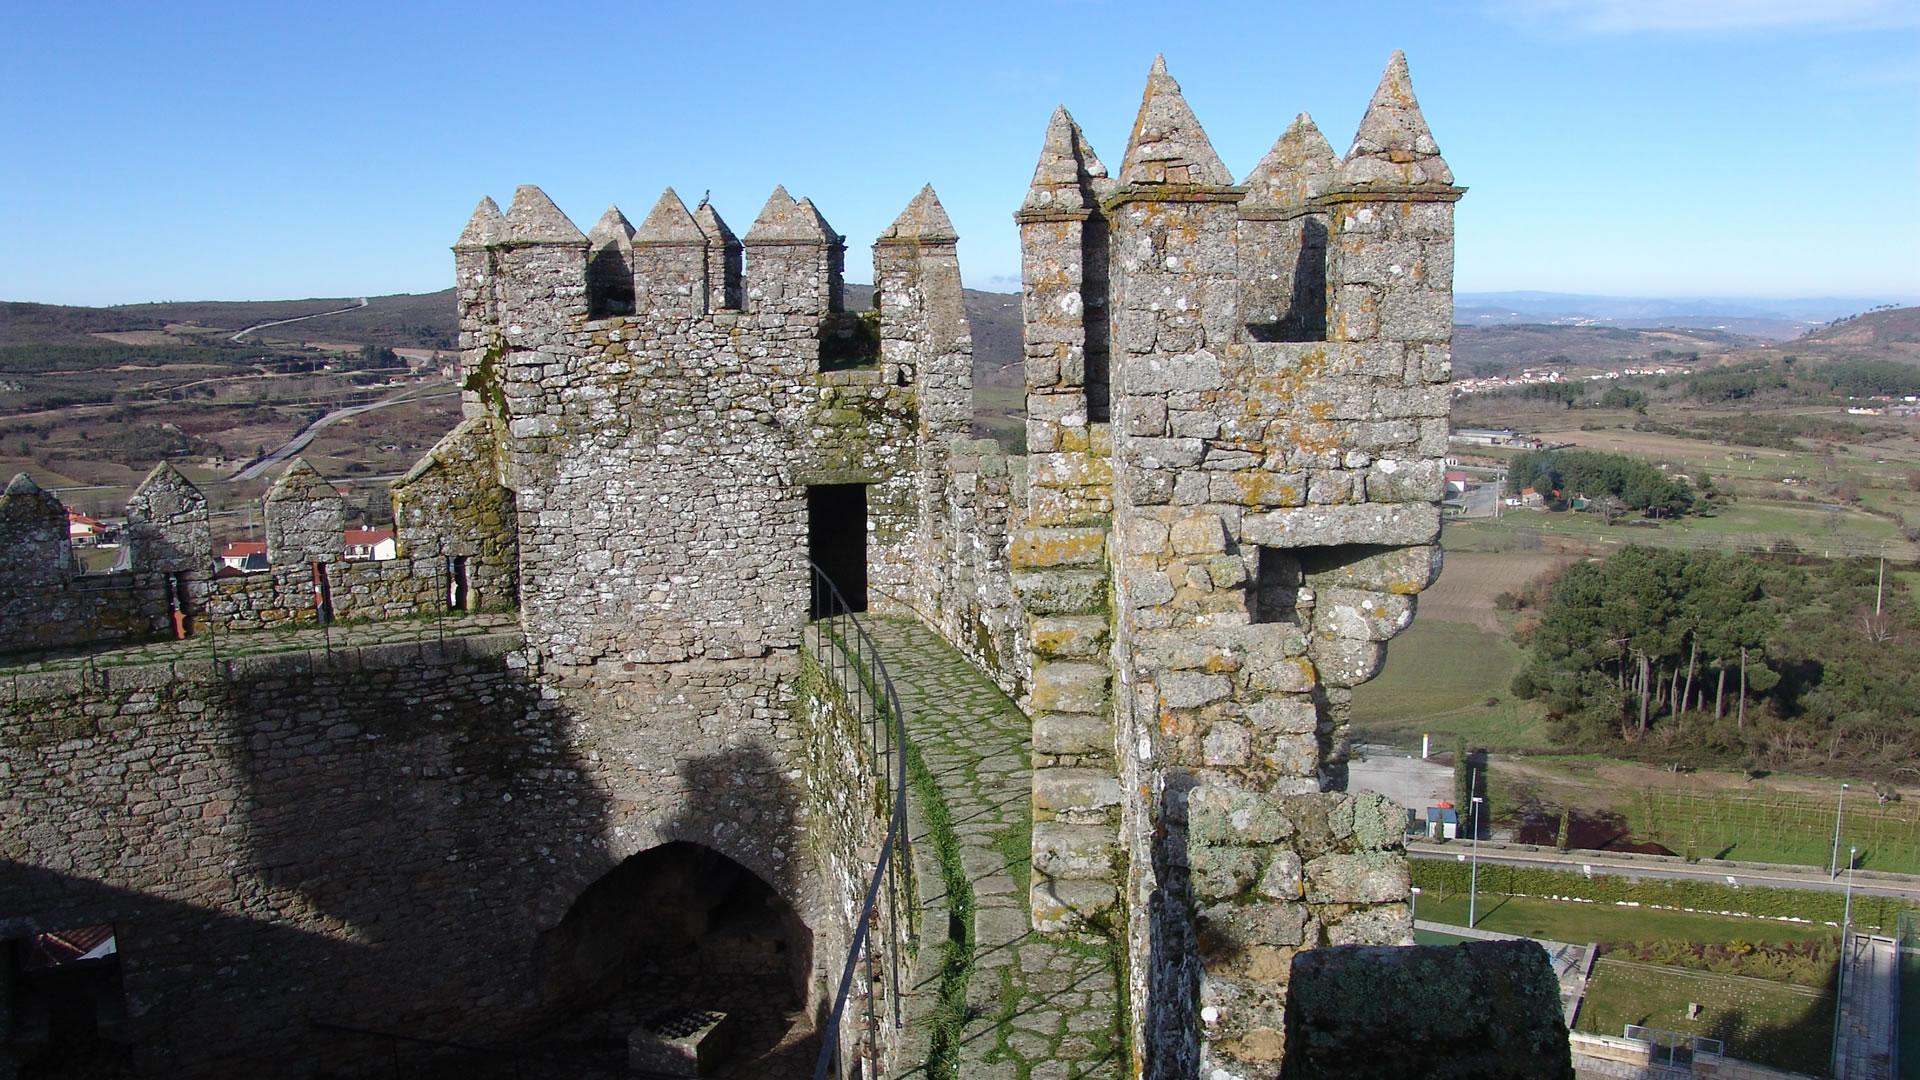 En tiempos de los reyes: castillos y fortalezas de las beiras.